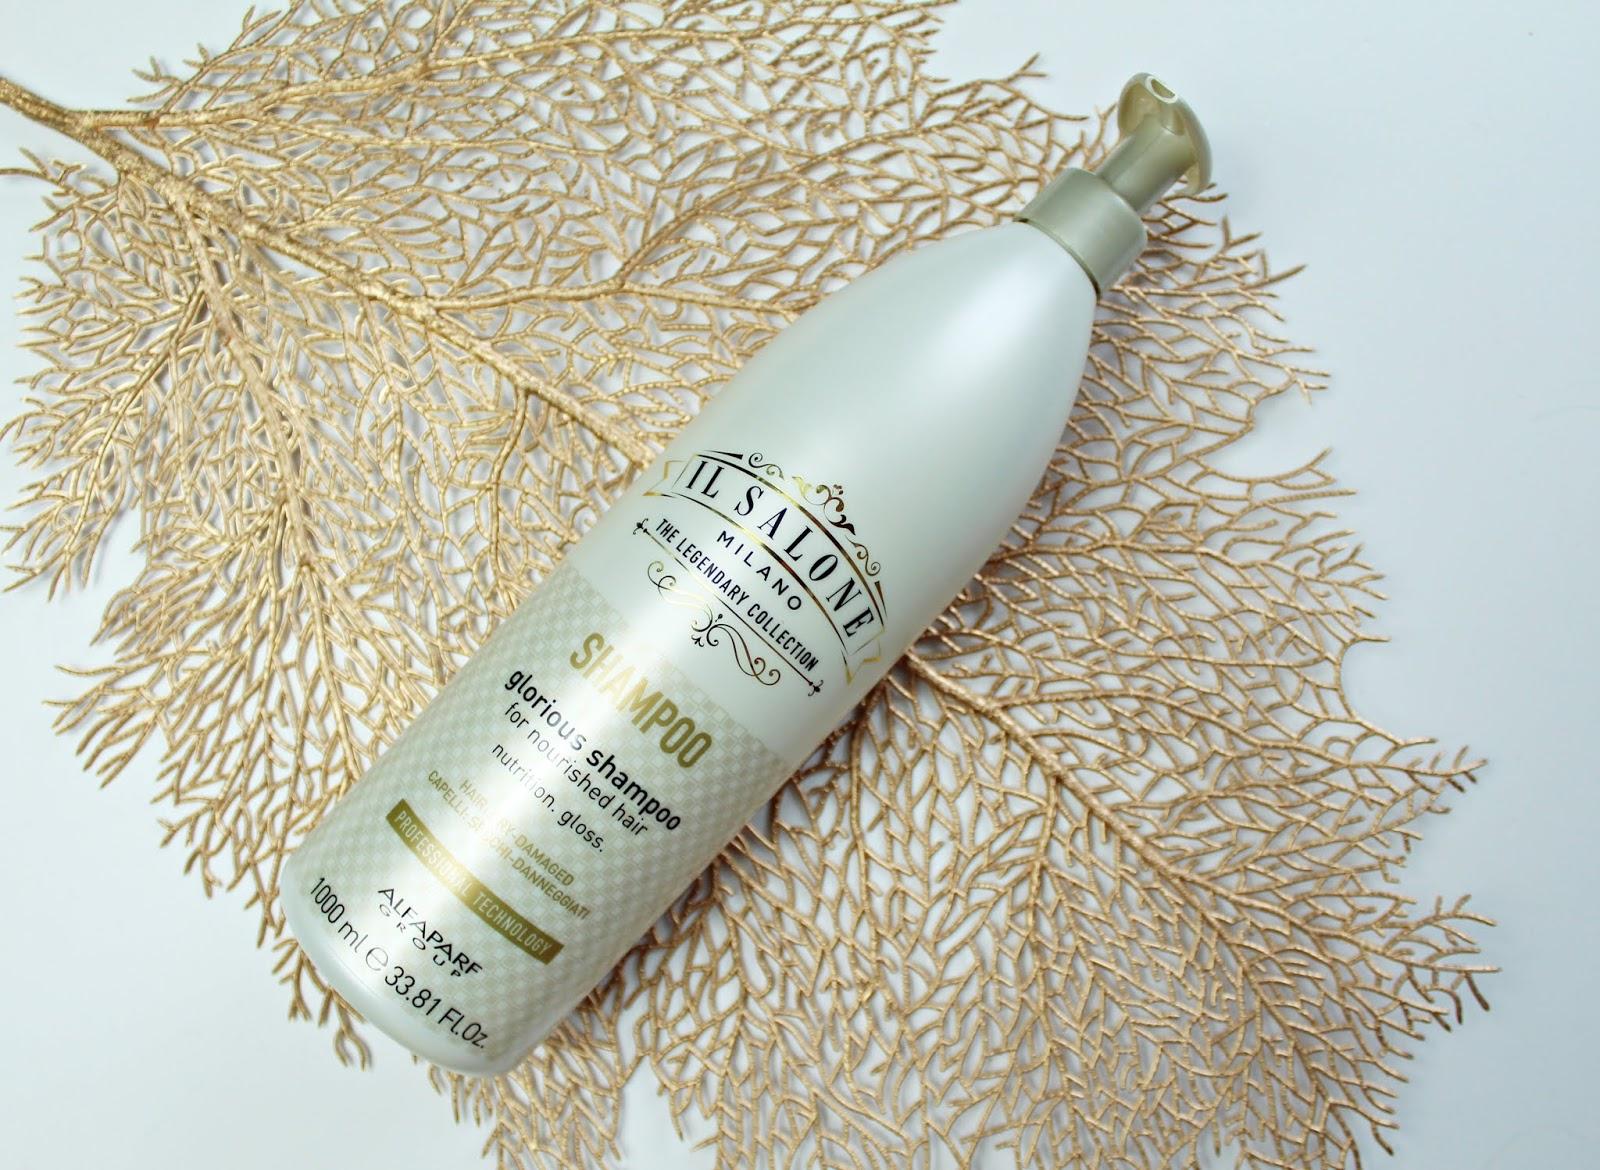 szampon do włosów suchych i zniszczonych Il Salone Milano Glorious